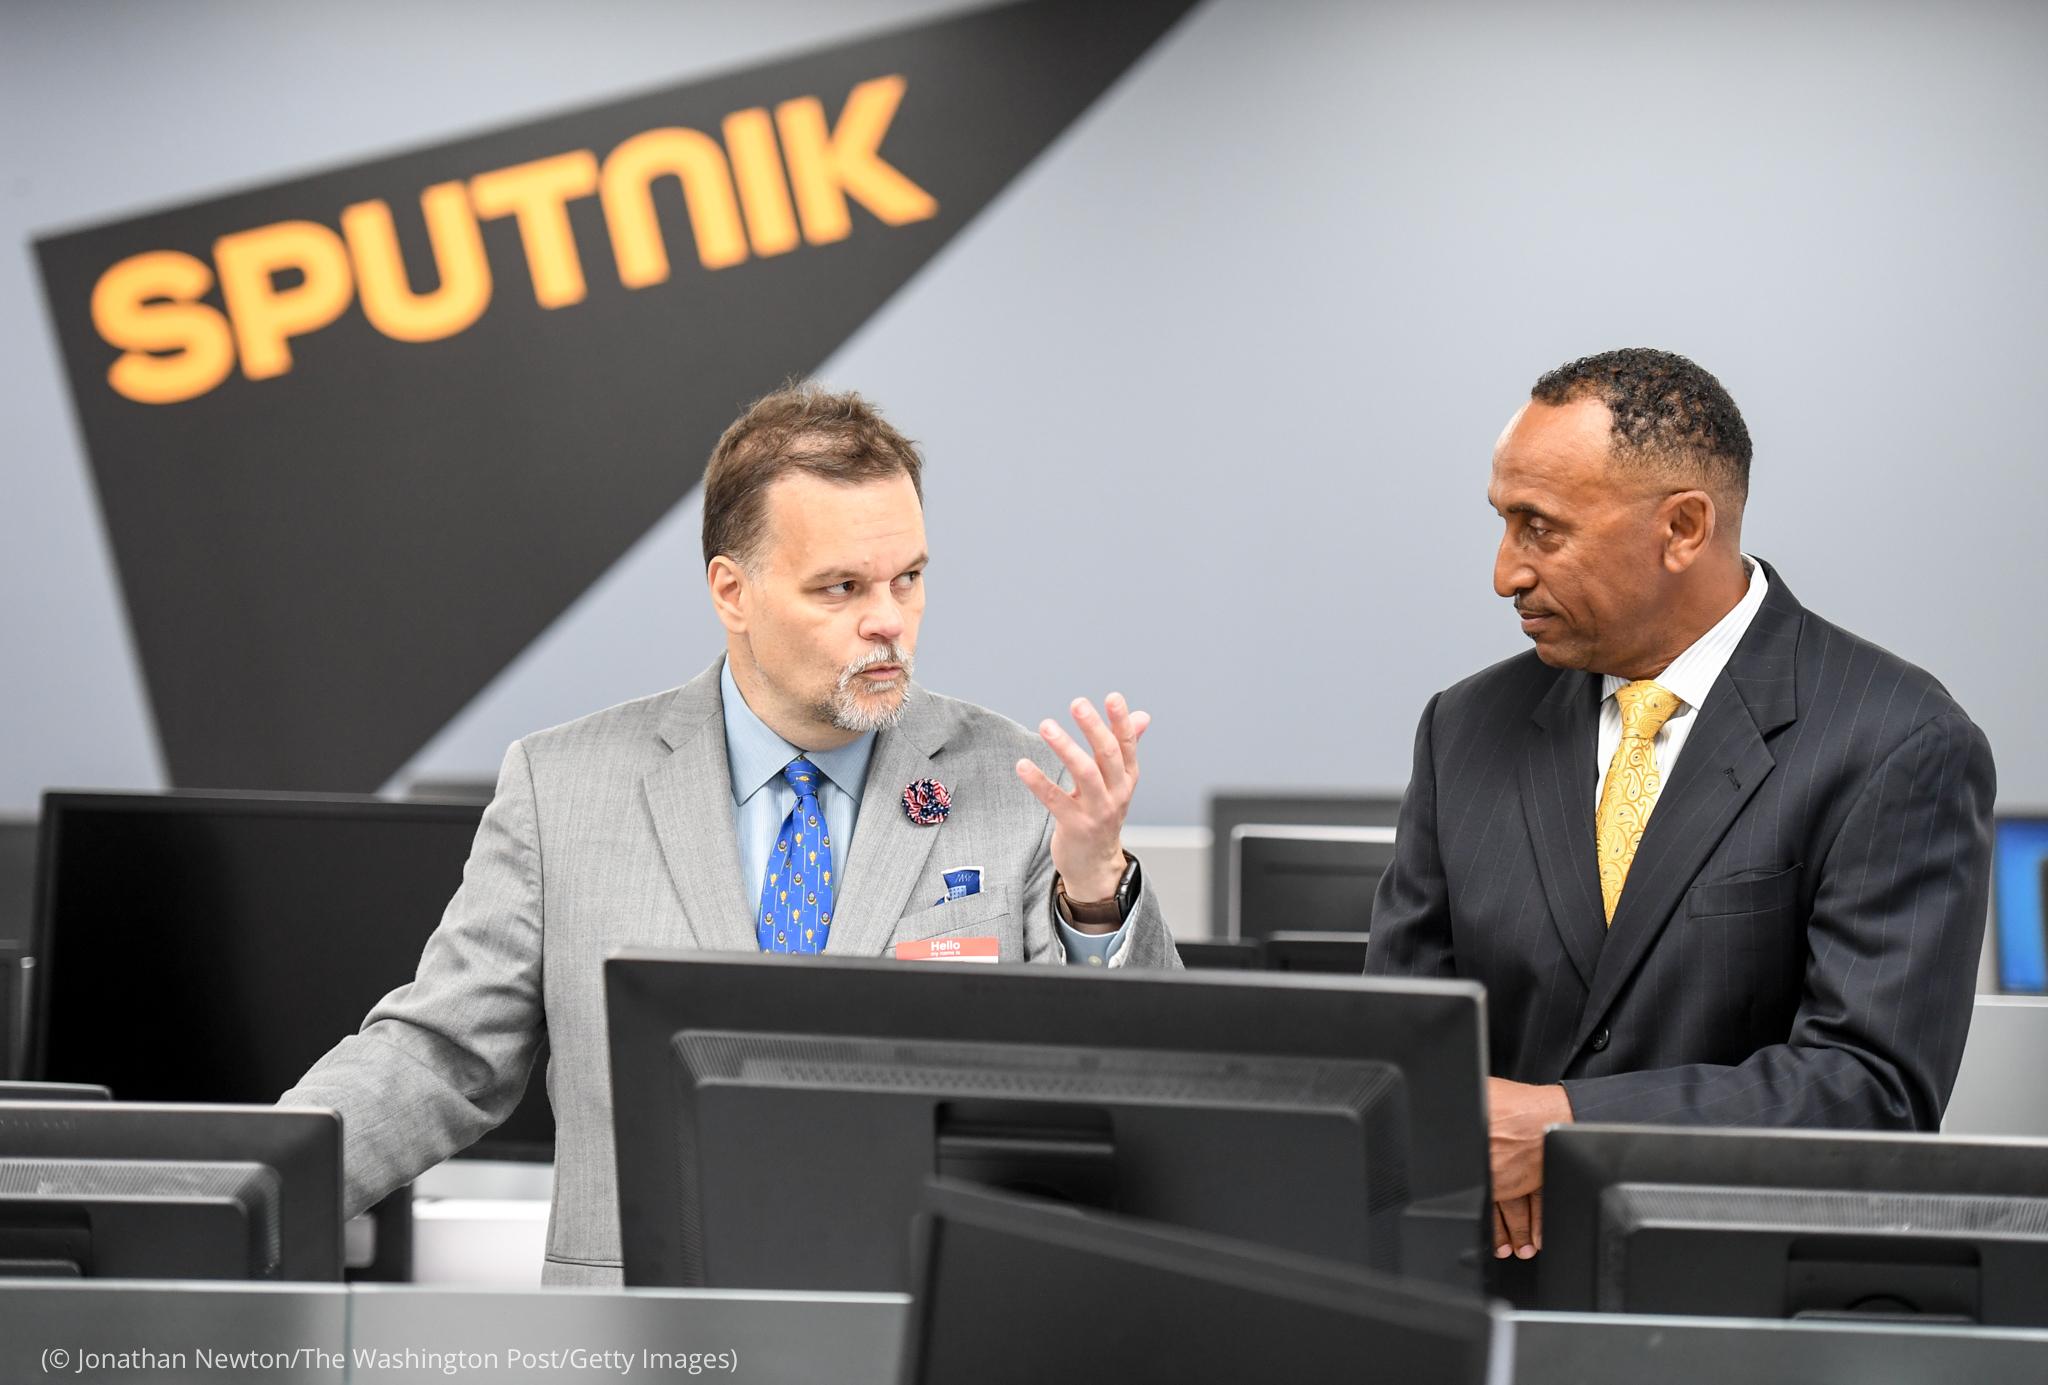 Deux hommes tenant une discussion sous un panneau avec le mot « Sputnik » au mur derrière eux (© Jonathan Newton/The Washington Post/Getty Images)